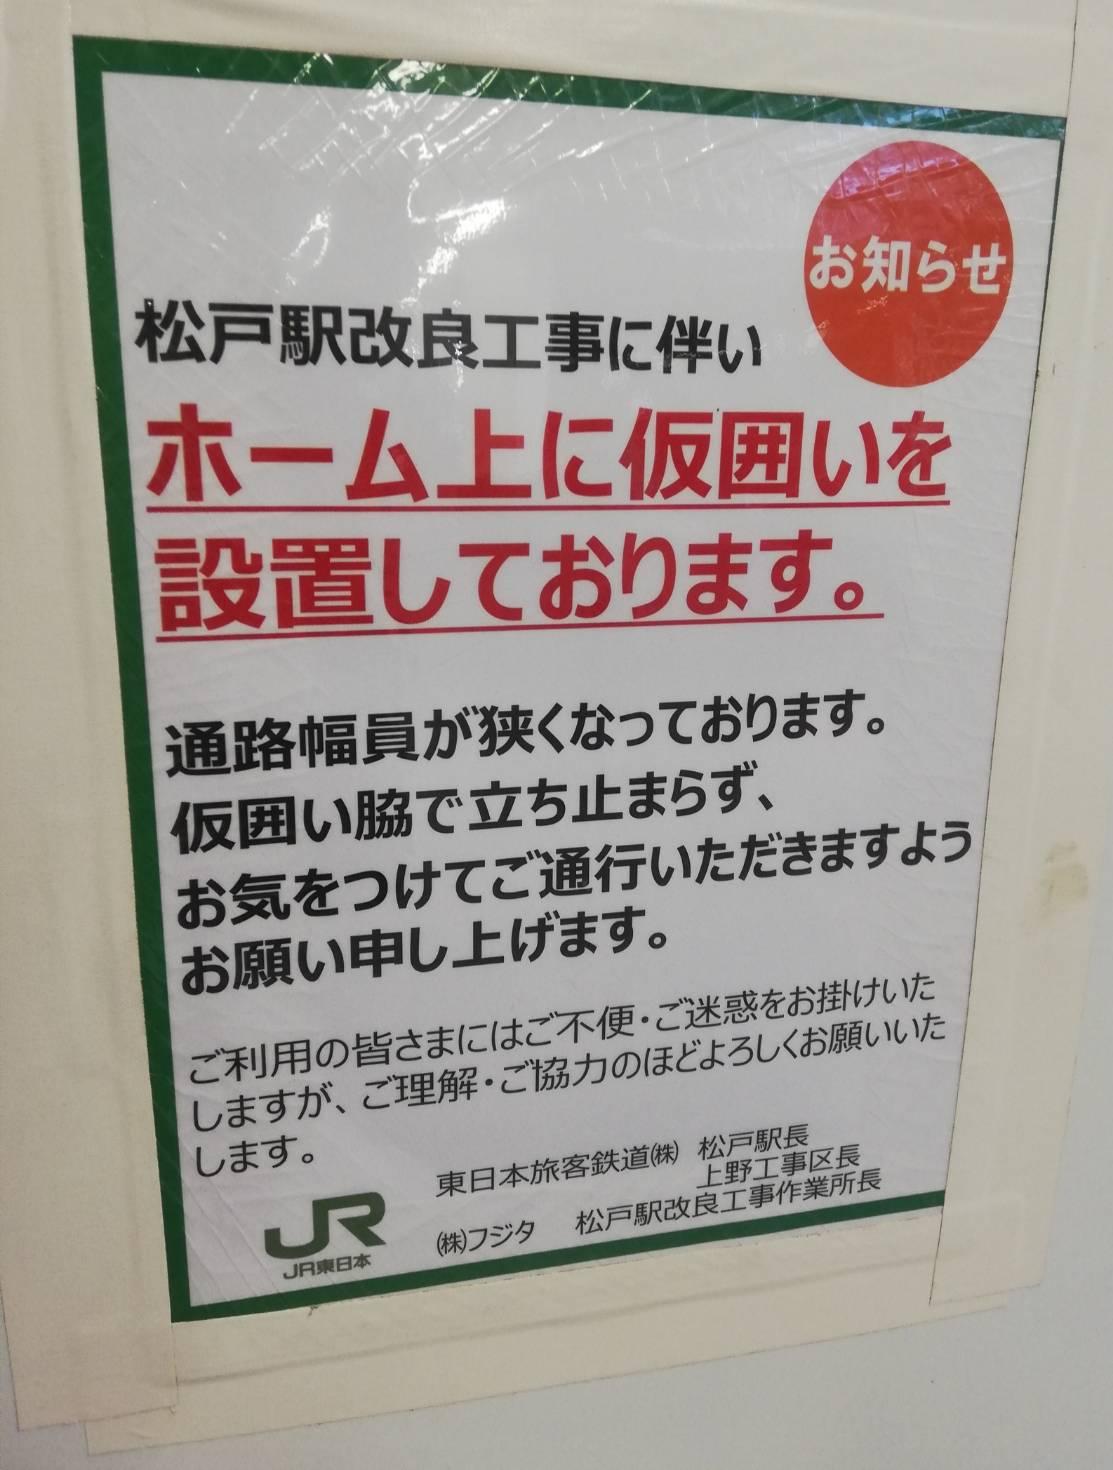 松戸駅ホームドア2024年度使用開始